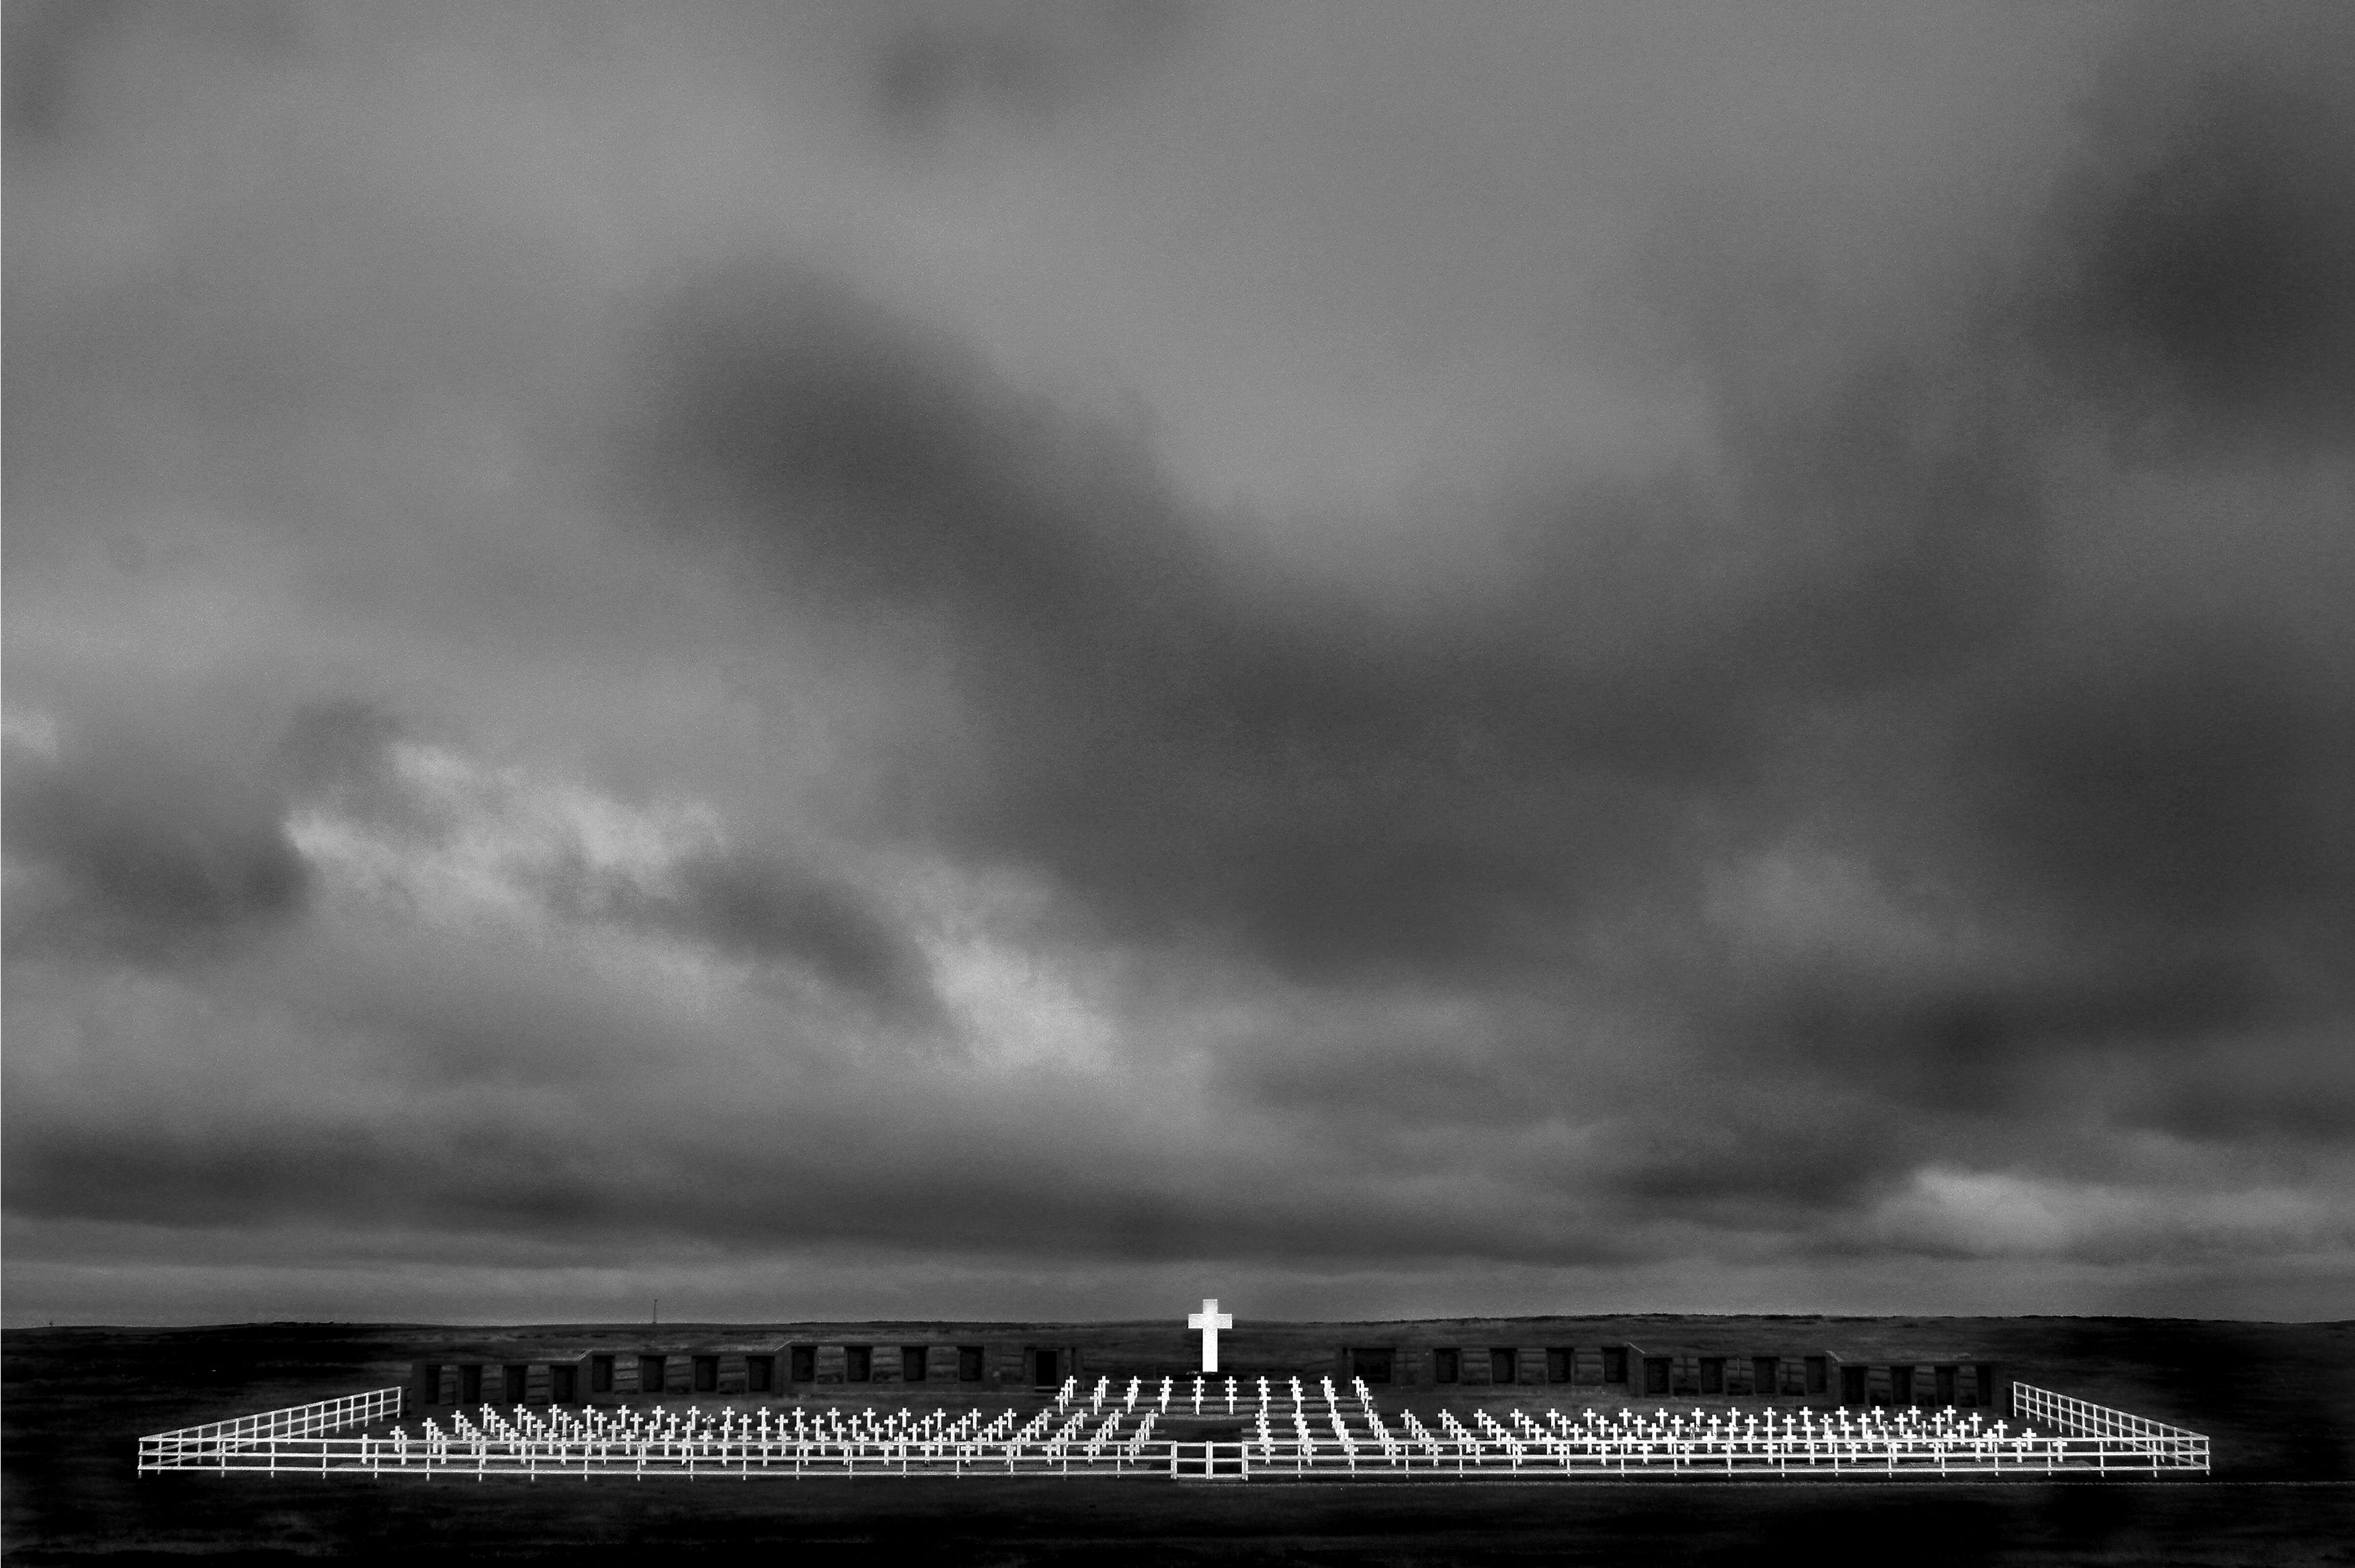 """Cementerio argentino en Puerto Darwin, Islas Malvinas. La Guerra de Malvinas (1982) tuvo un enorme impacto en Argentina. Una de sus consecuencias fue una explosión de popularidad del llamado """"rock nacional"""". Spinetta participó de varias actuaciones públicas y lanzó durante la guerra el álbum Kamikaze."""